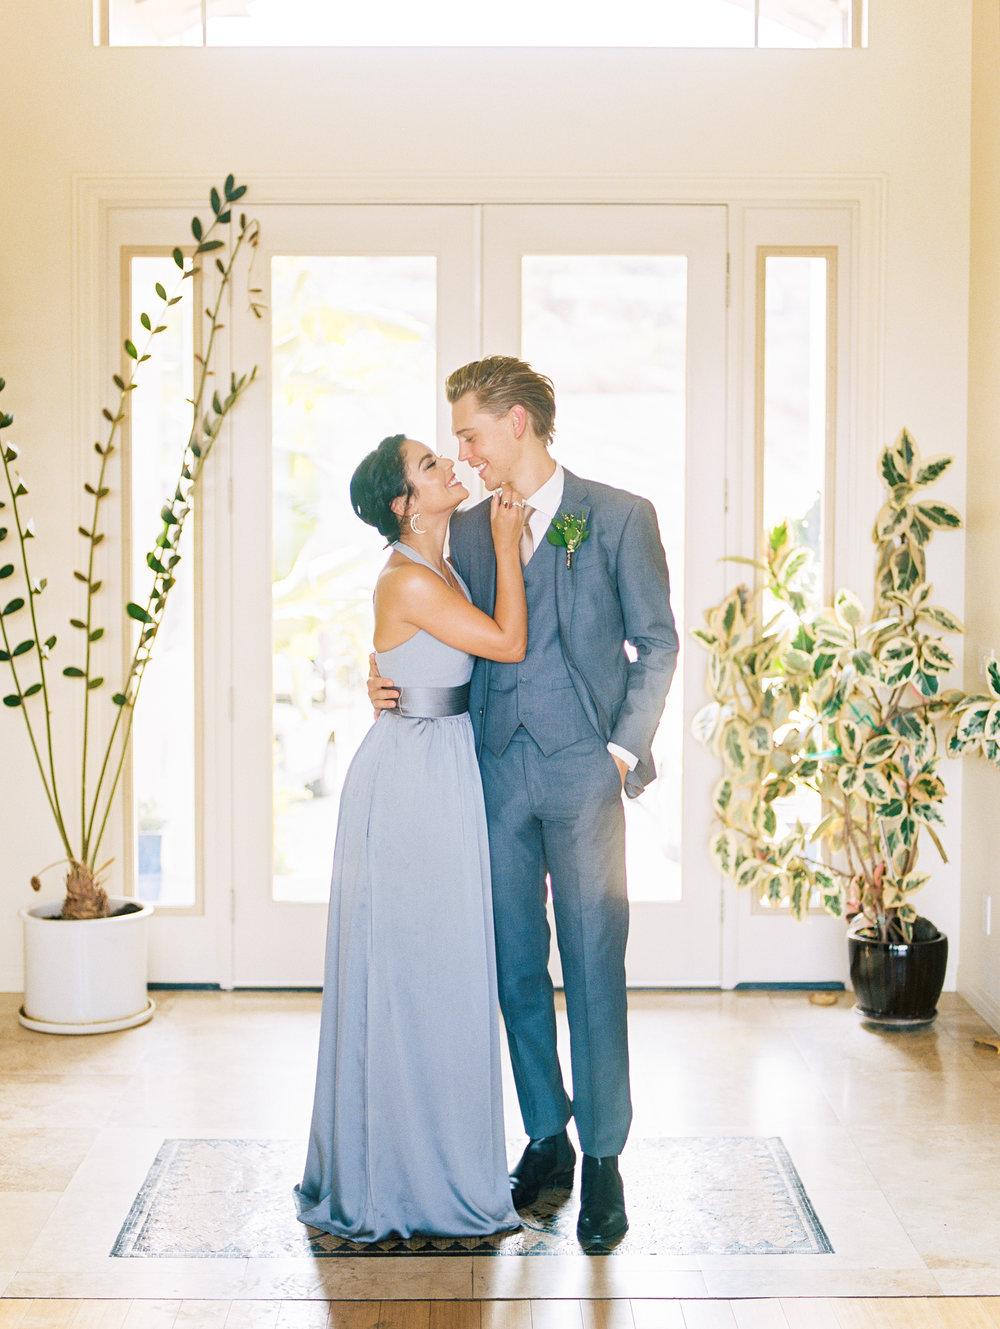 dennisroycoronel_ashleyanthony_vanessahudgens_austinbutler_wedding_losangeles_photographer-64.jpg